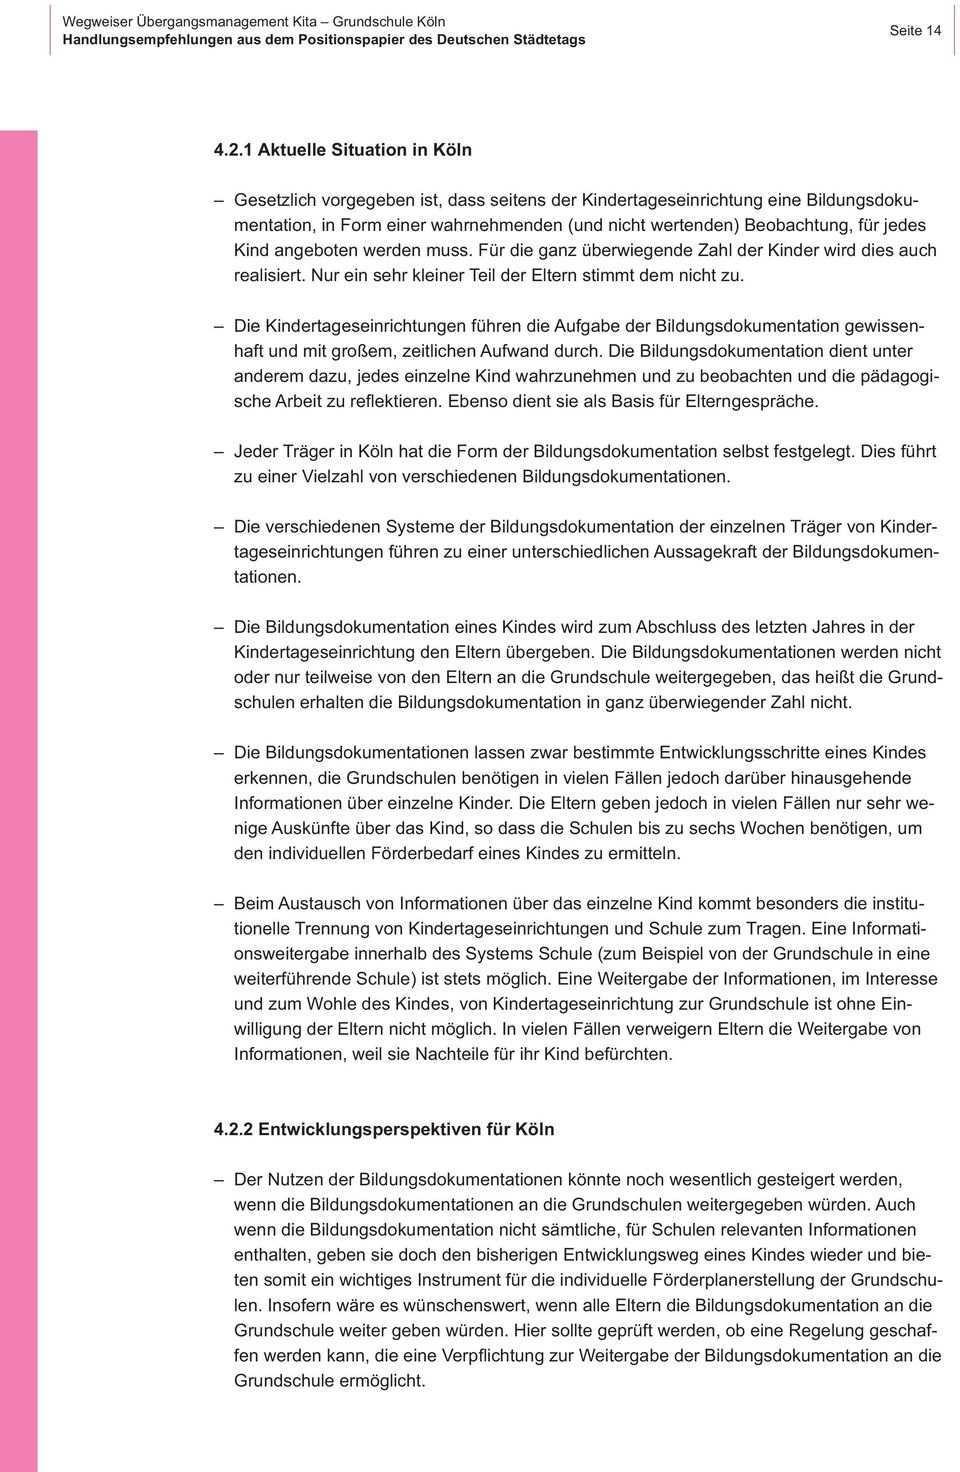 Schulstart Hand In Hand Ubergangsmanagement Kita Grundschule Koln Wegweiser Fur Verwaltung Kitas Und Grundschulen Pdf Free Download